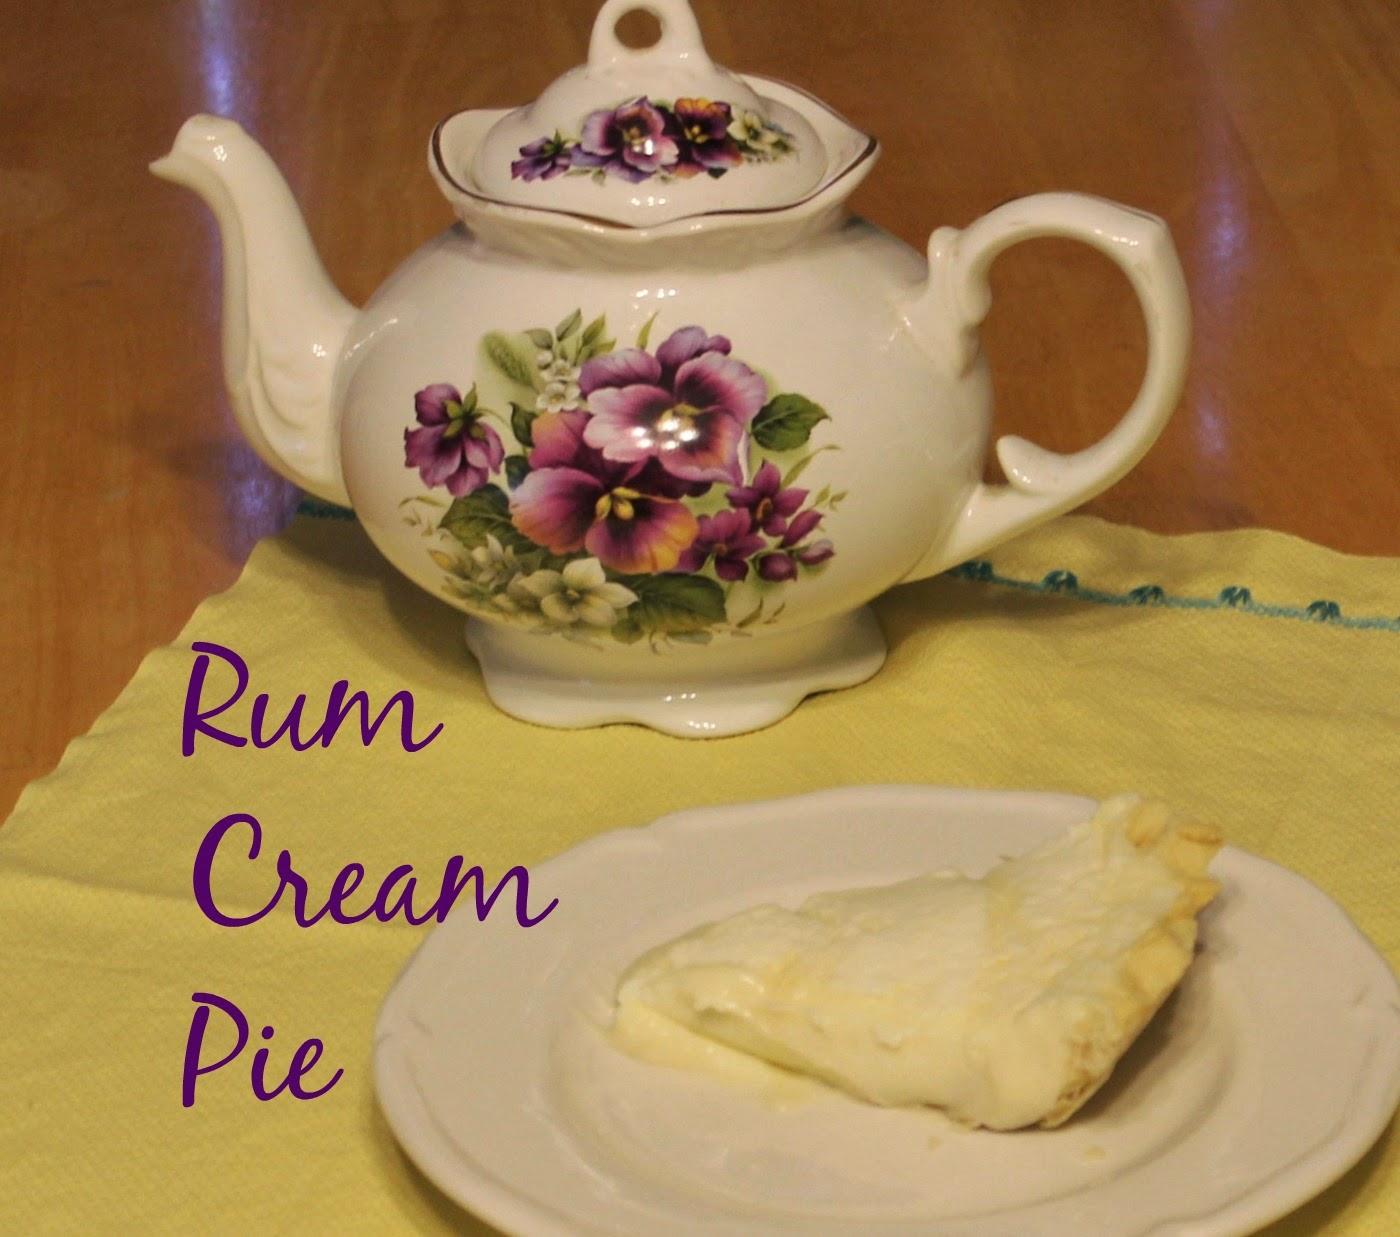 Chestnut Pie With Rum Cream Recipes — Dishmaps